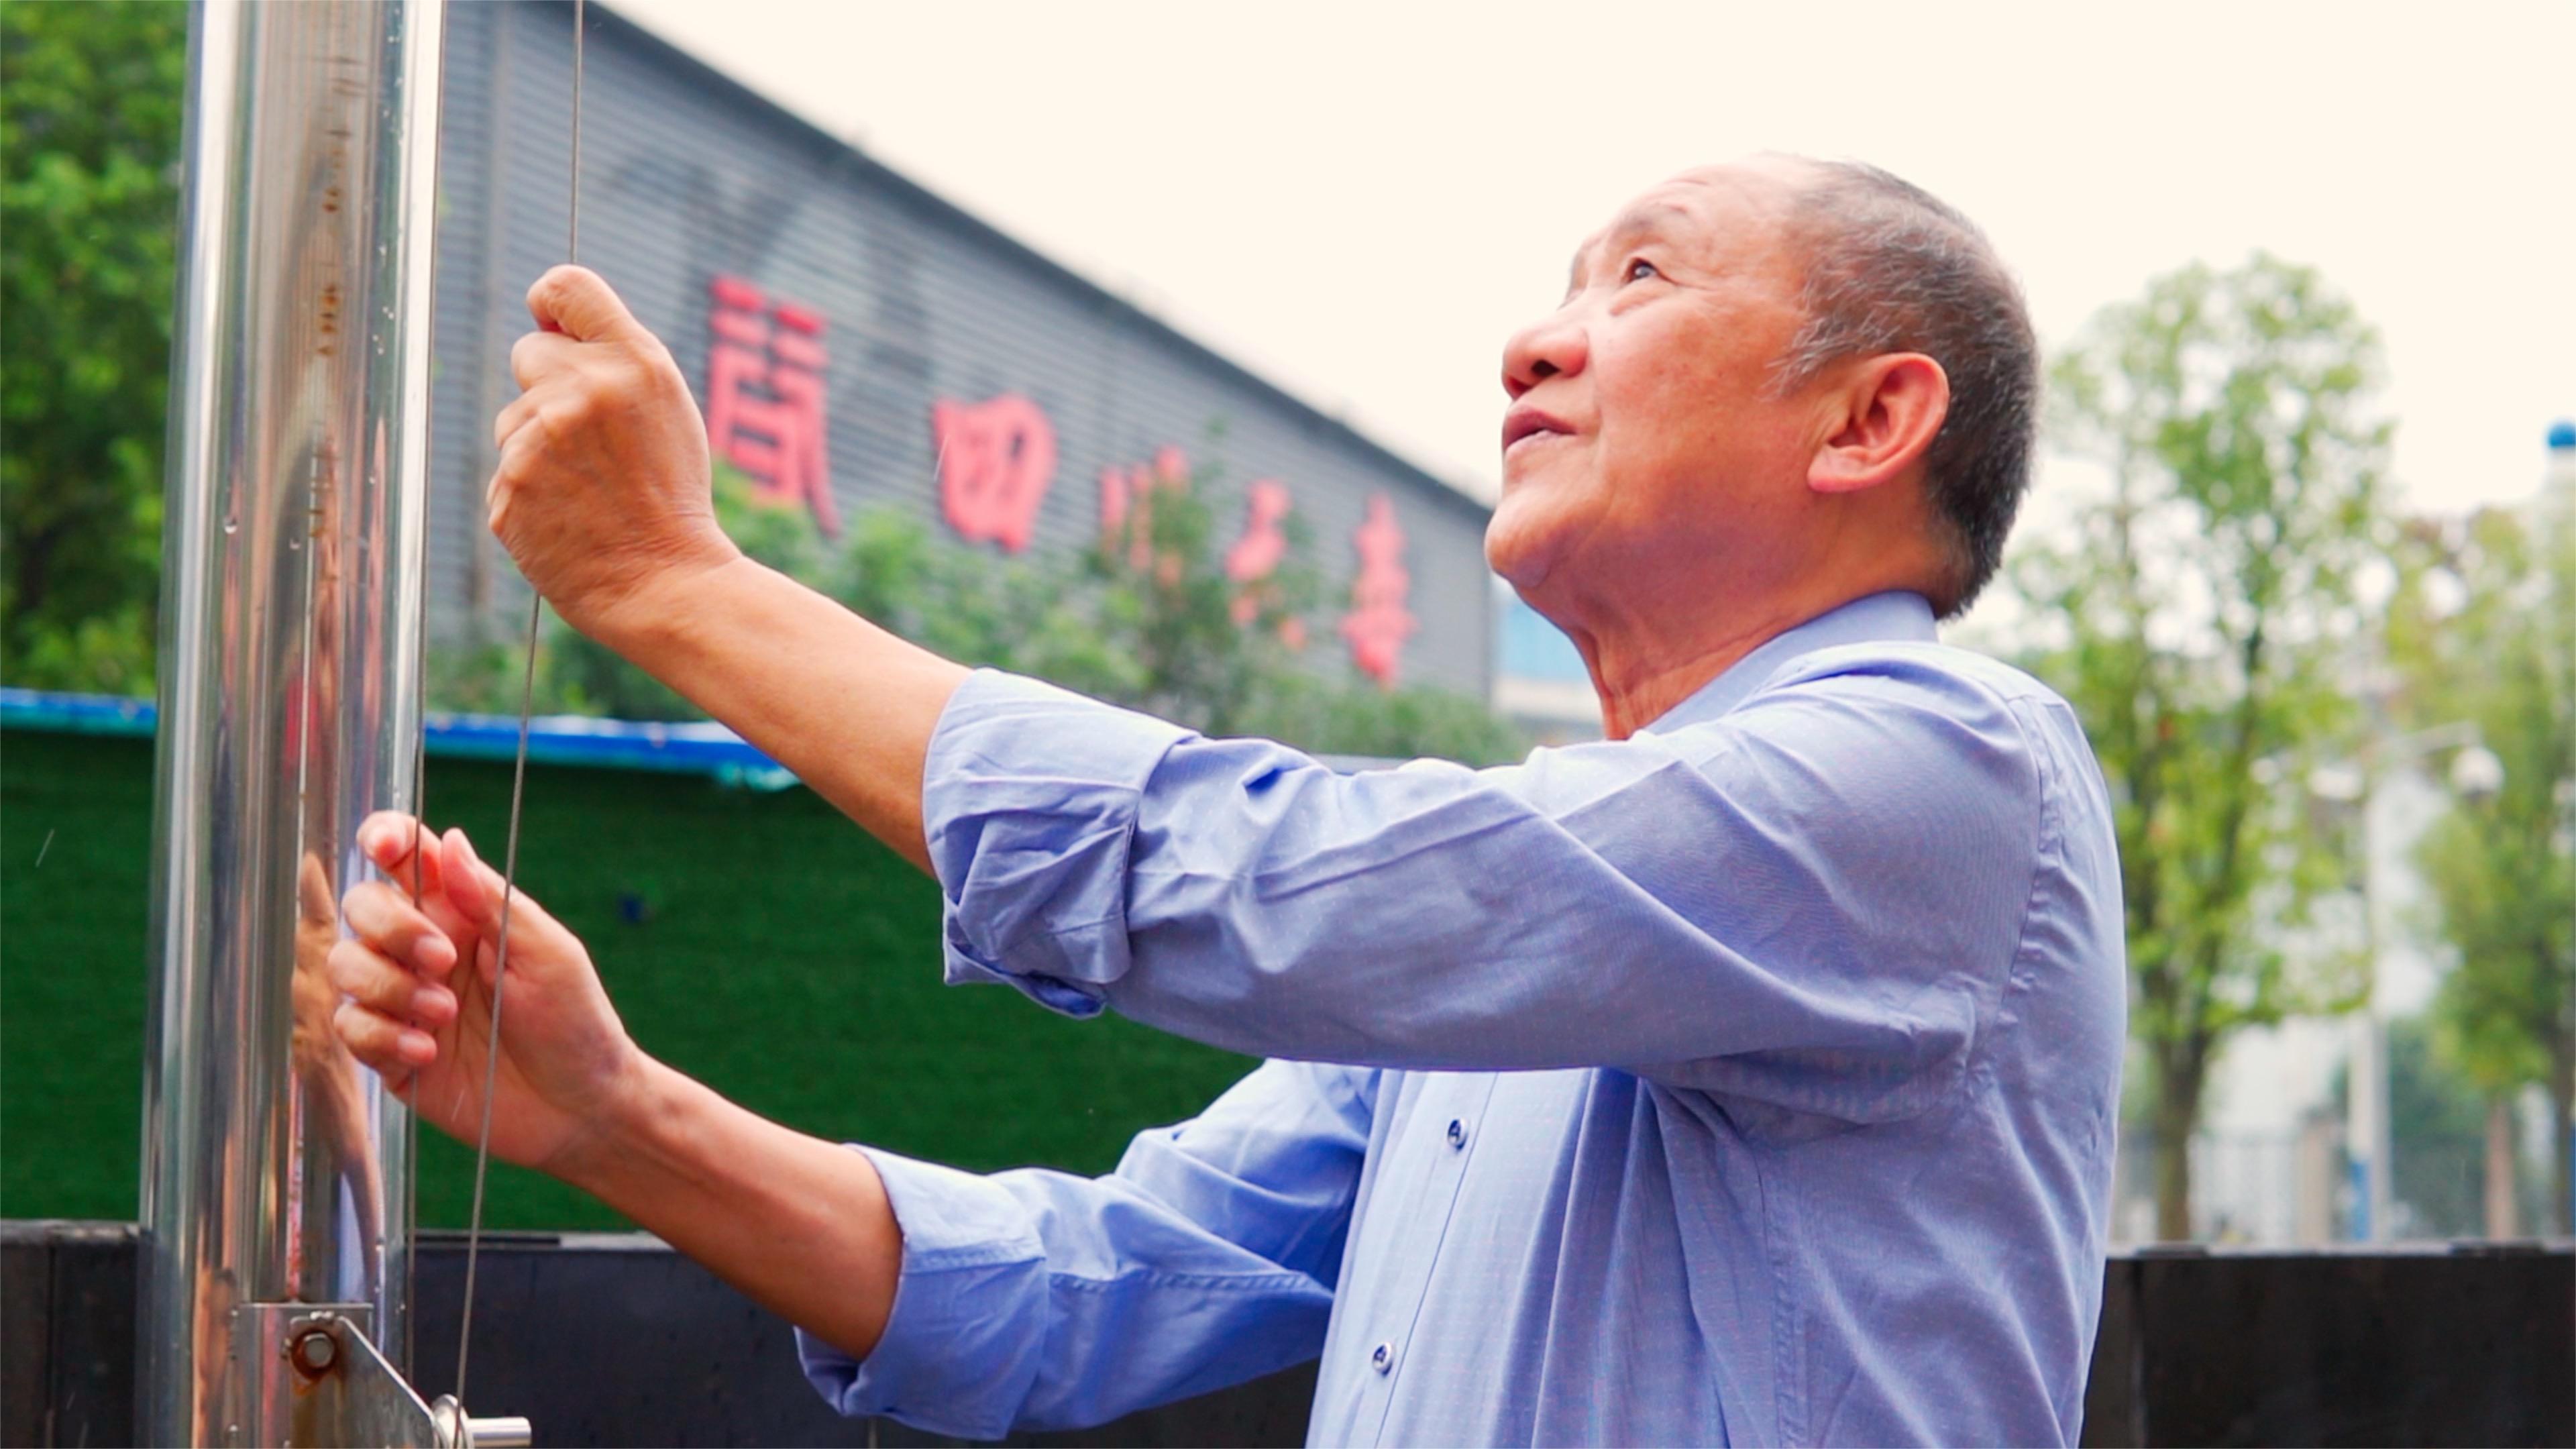 四川天寿举行丰富多彩活动庆祝中华人民共和国成立七十周年